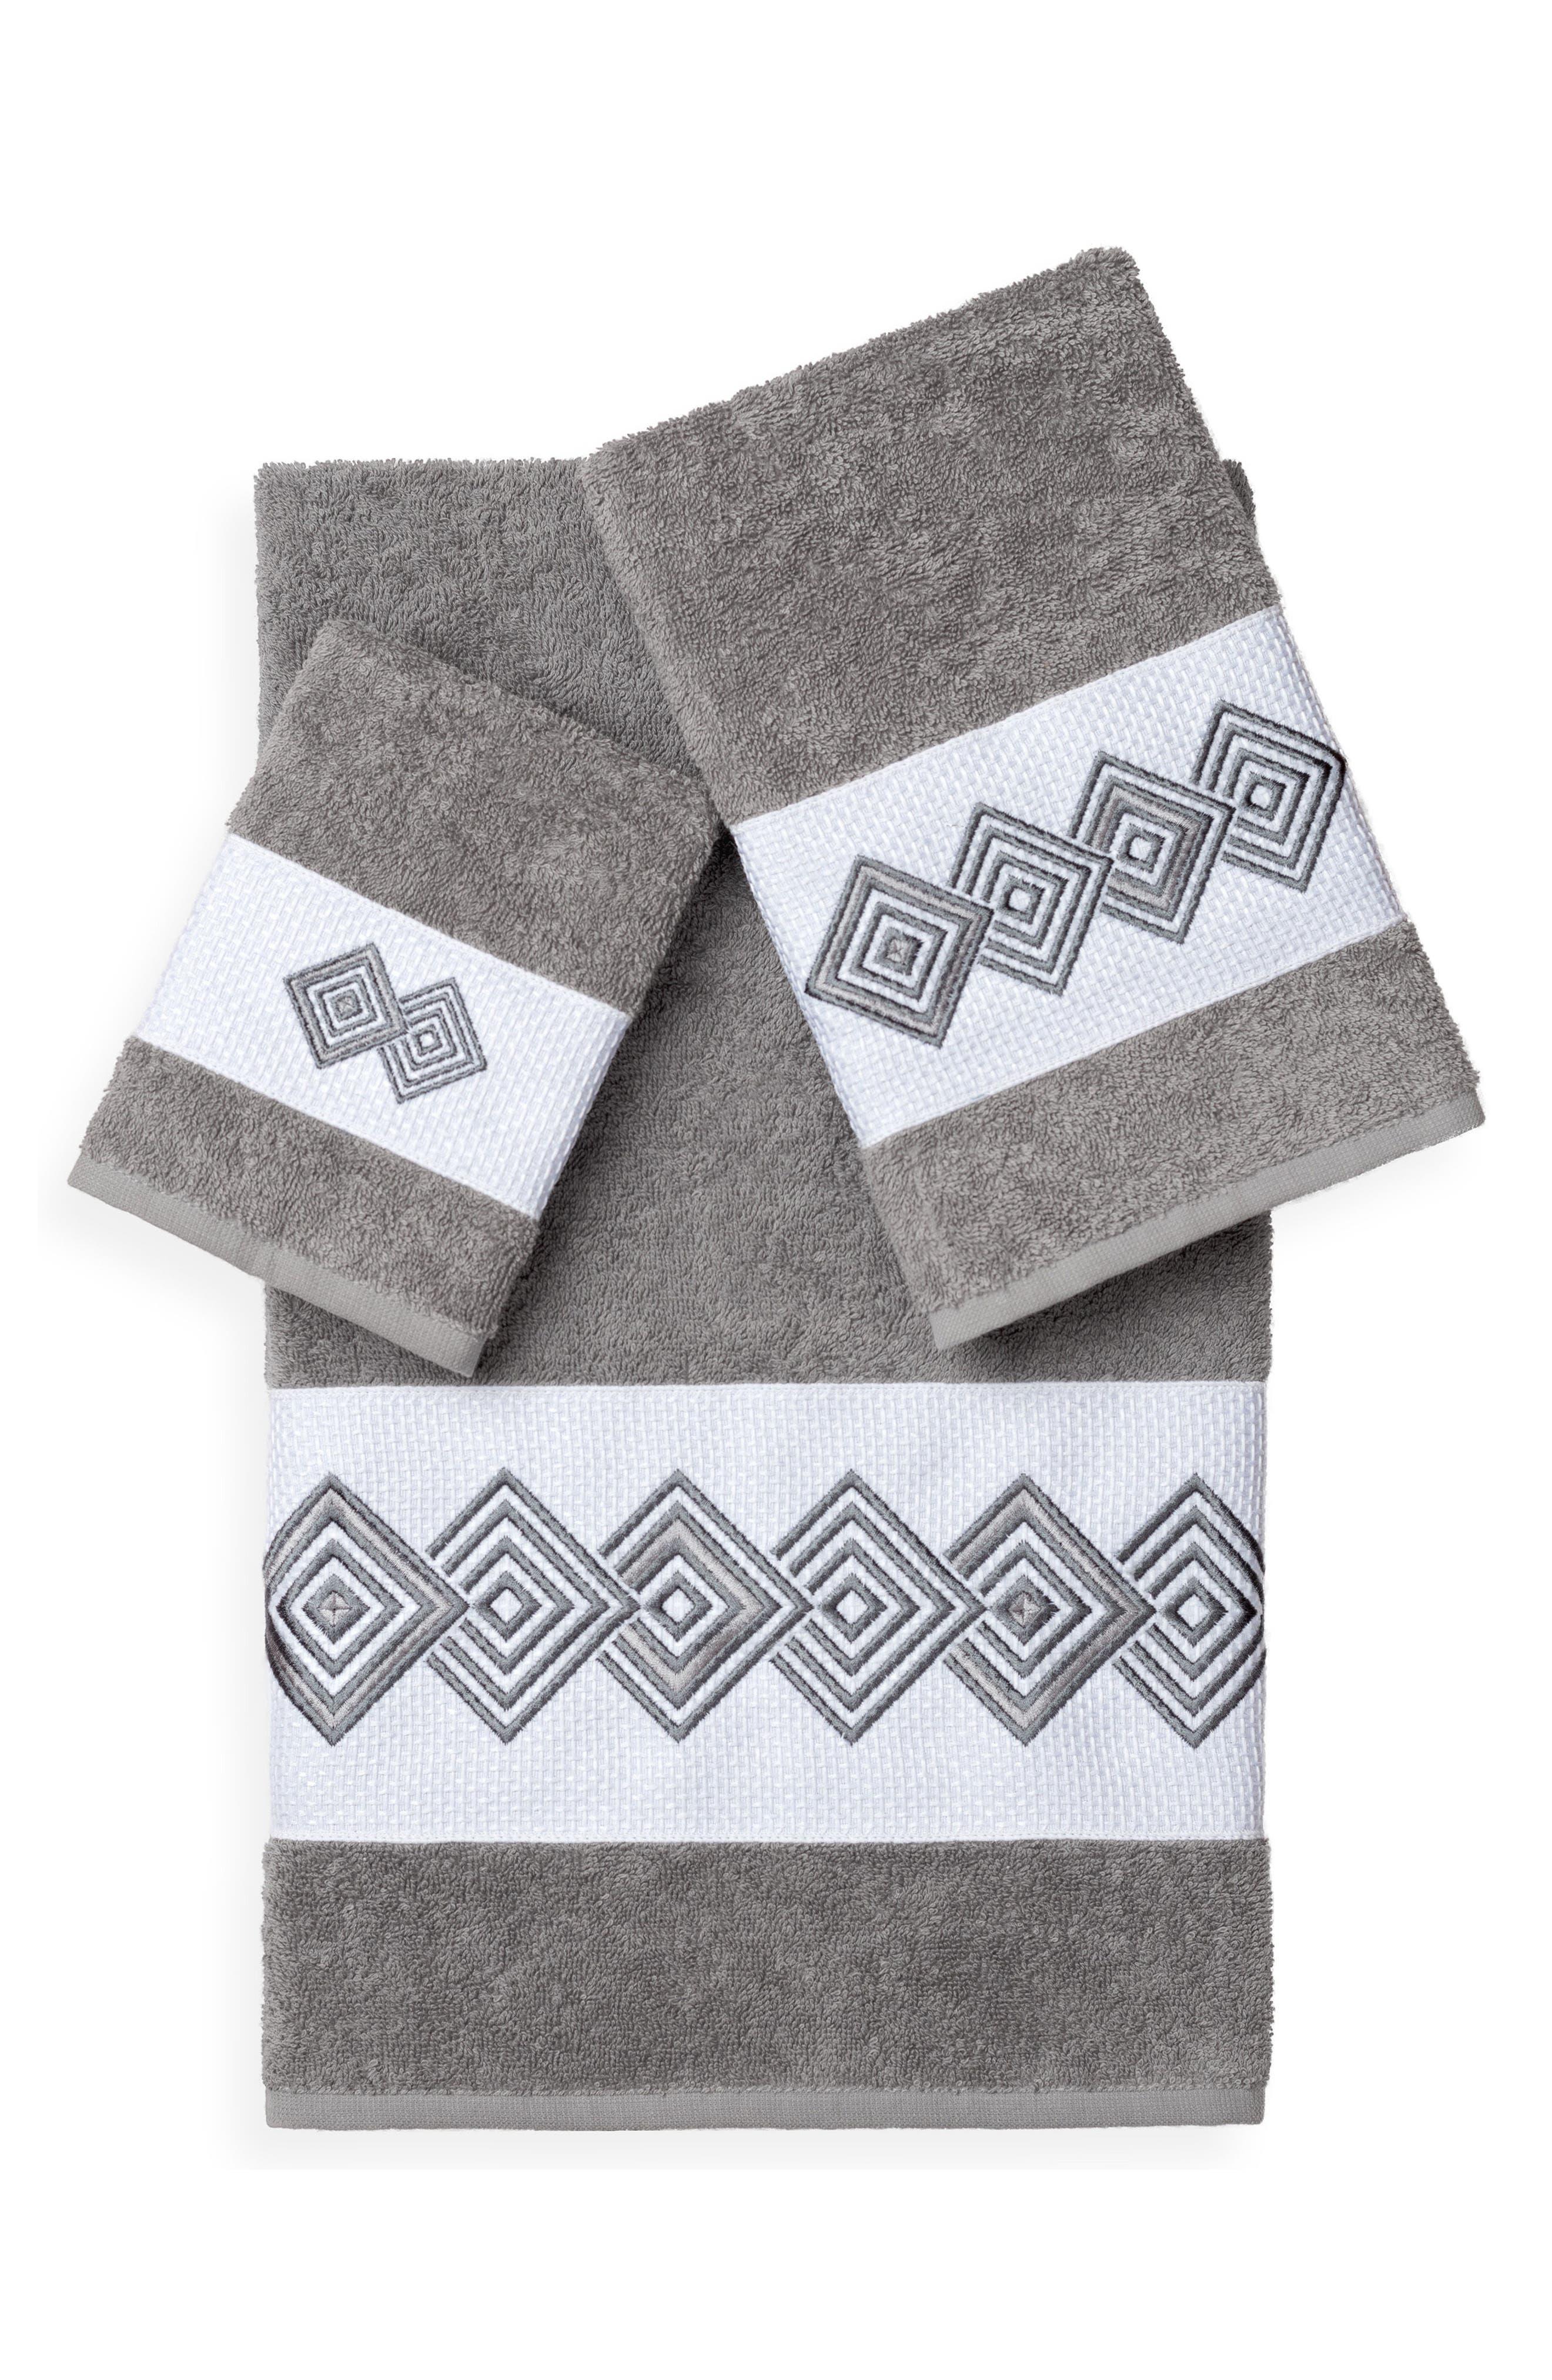 Noah 3-Piece Turkish Cotton Towel Set,                             Main thumbnail 1, color,                             Dark Grey